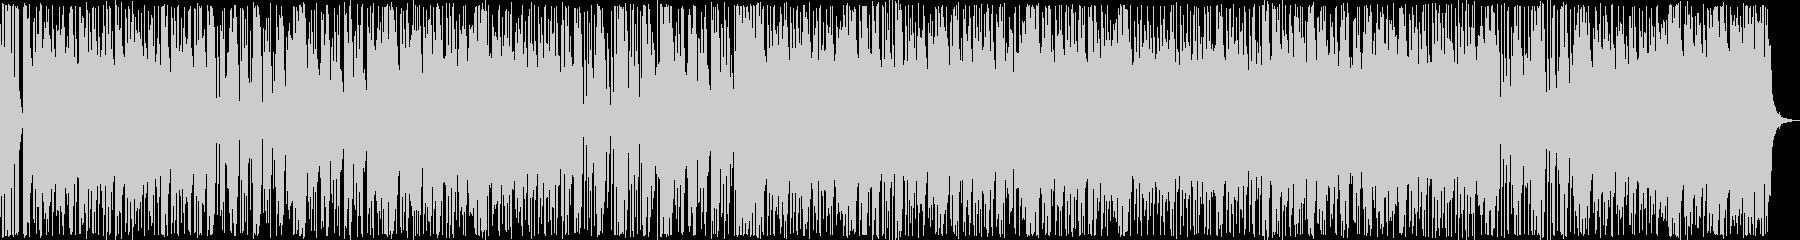 ワイルドなハードロックの未再生の波形